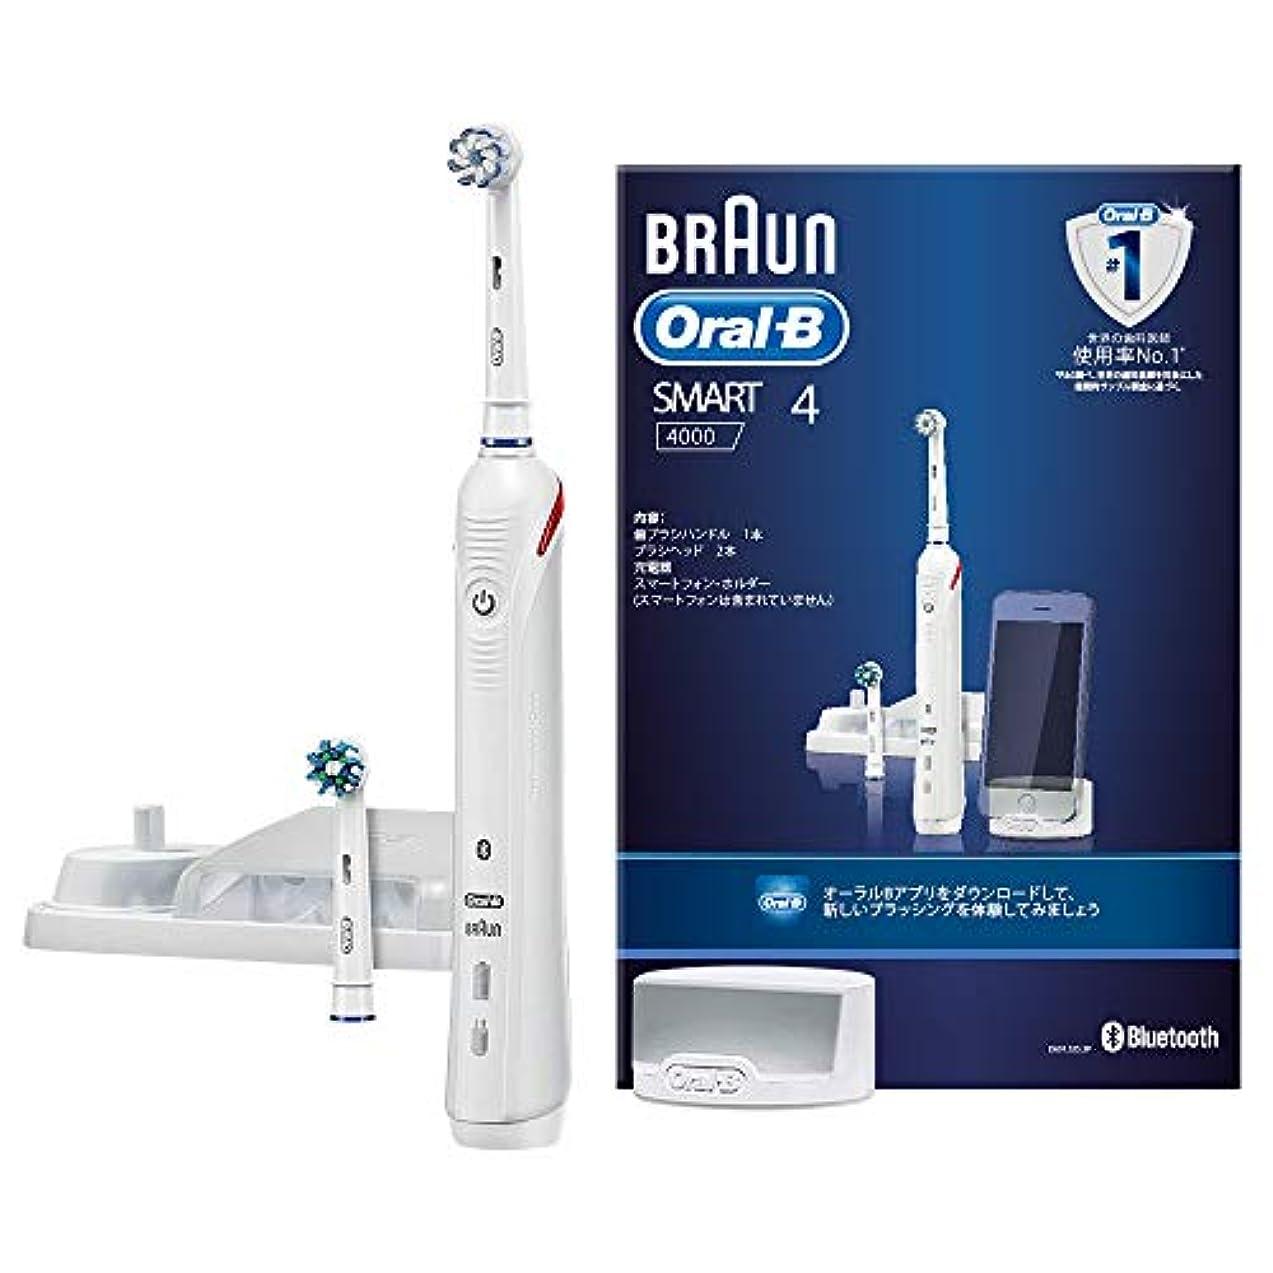 流行している署名疲労ブラウン オーラルB 電動歯ブラシ スマート4000 D6015253P